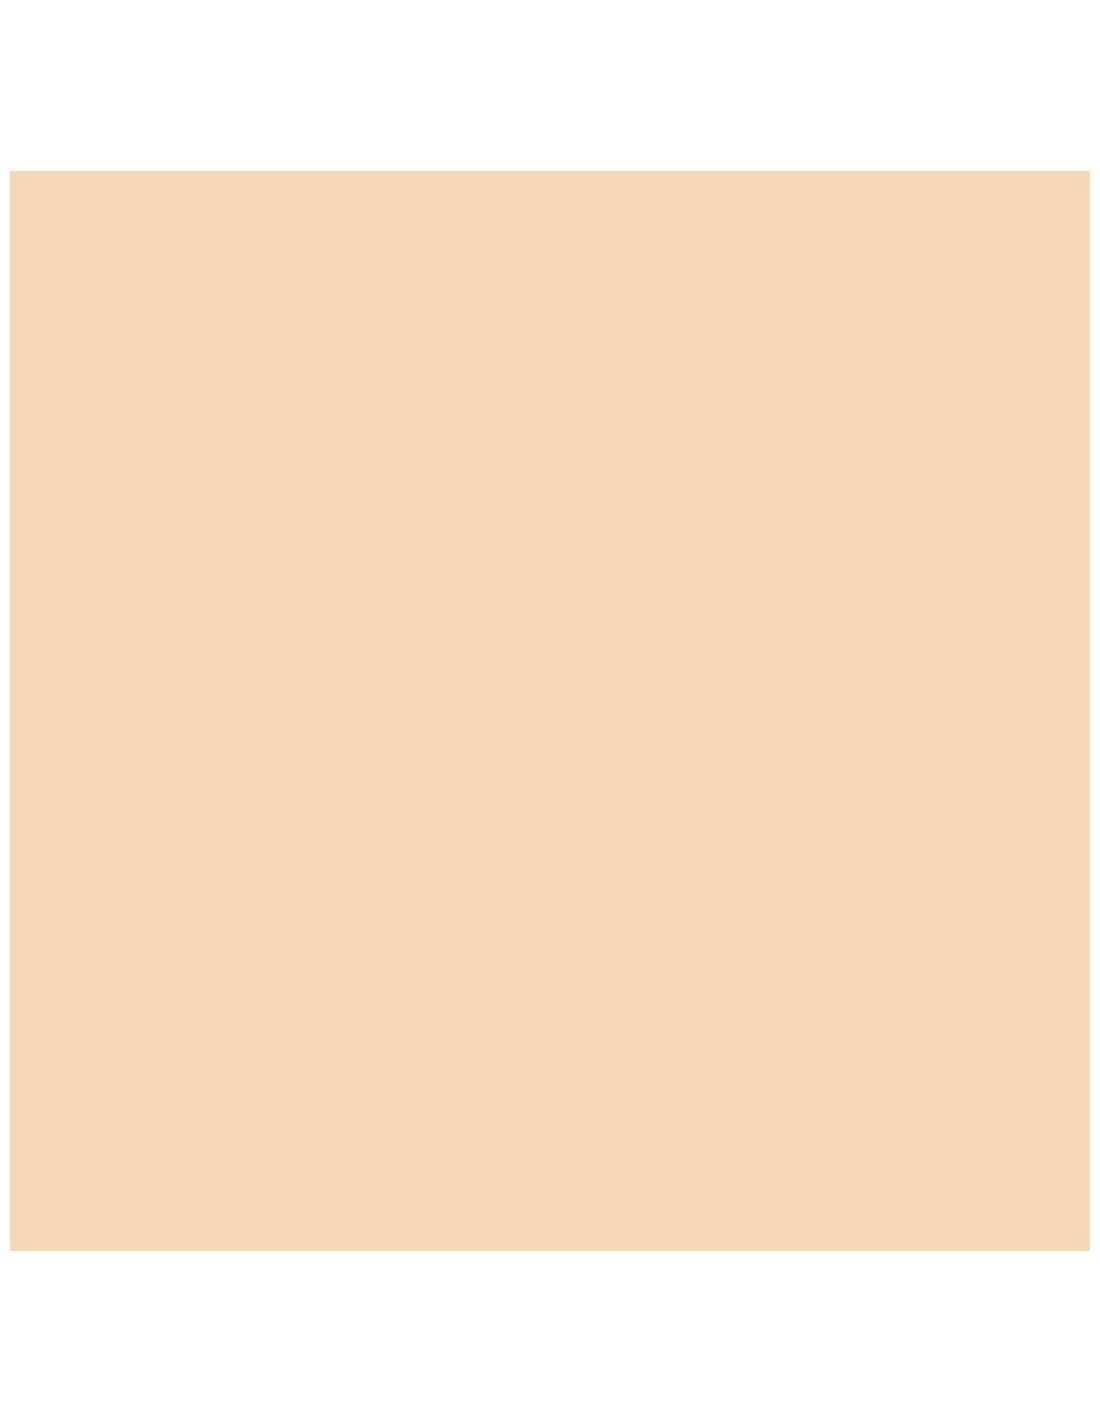 Valentine Peinture Couleur Du Monde Toscane Pastel 2 5l Hyper Brico